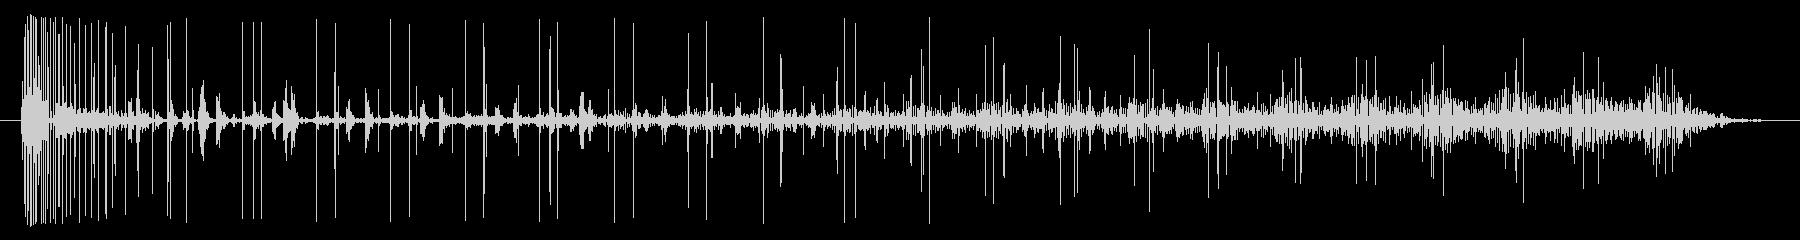 ノイズ 途切れるノイズスウェル01の未再生の波形